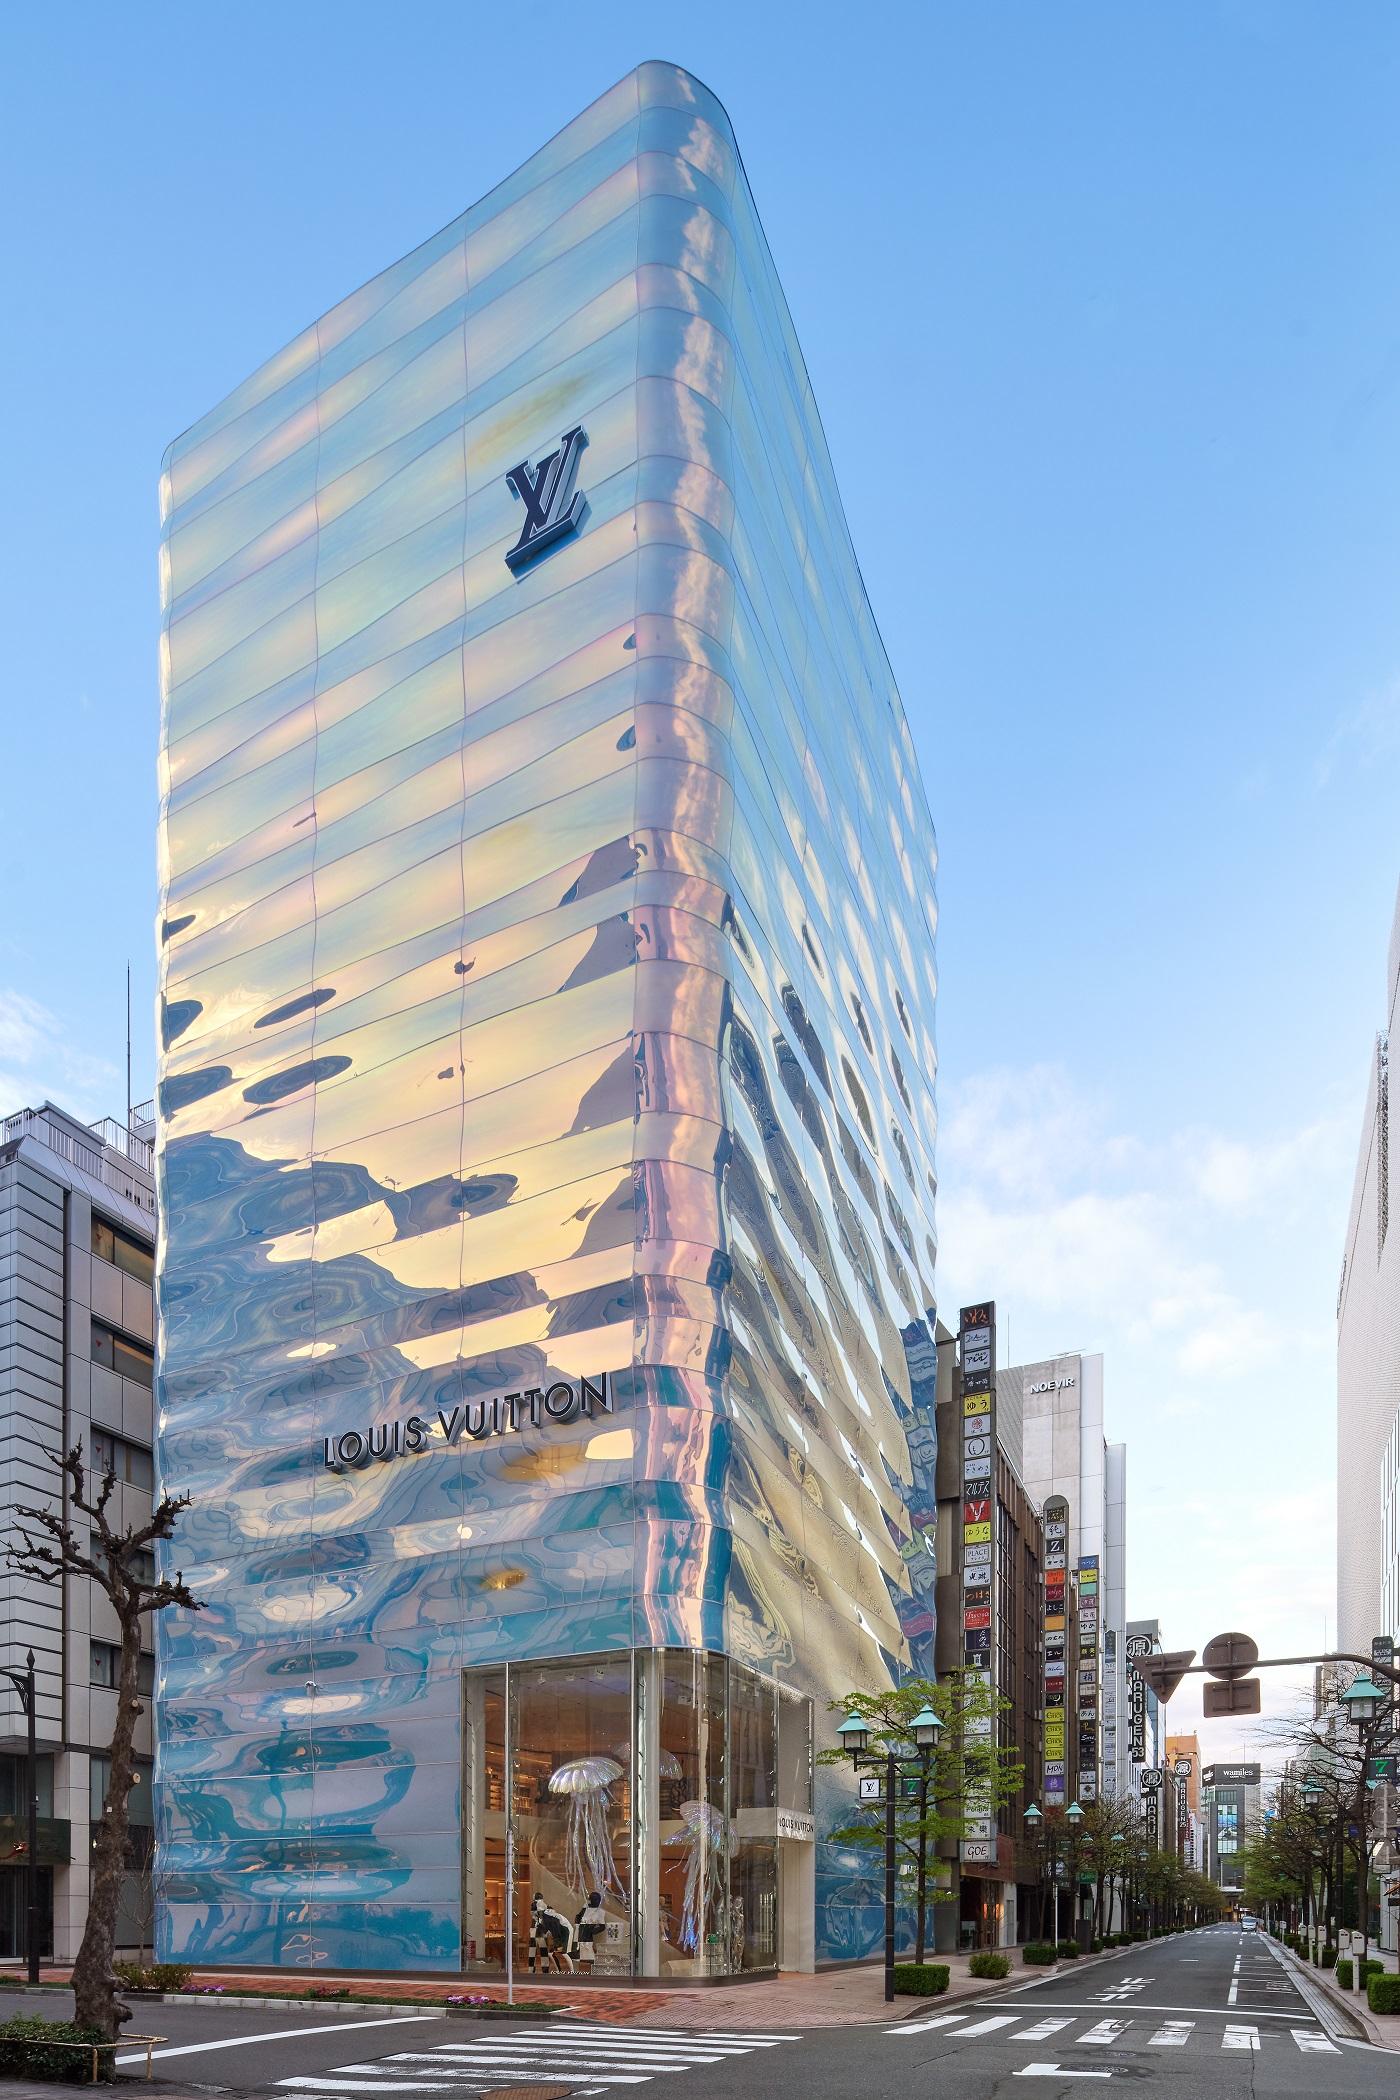 Louis Vuitton Ginza Namiki Facade by Daici Ano (1)